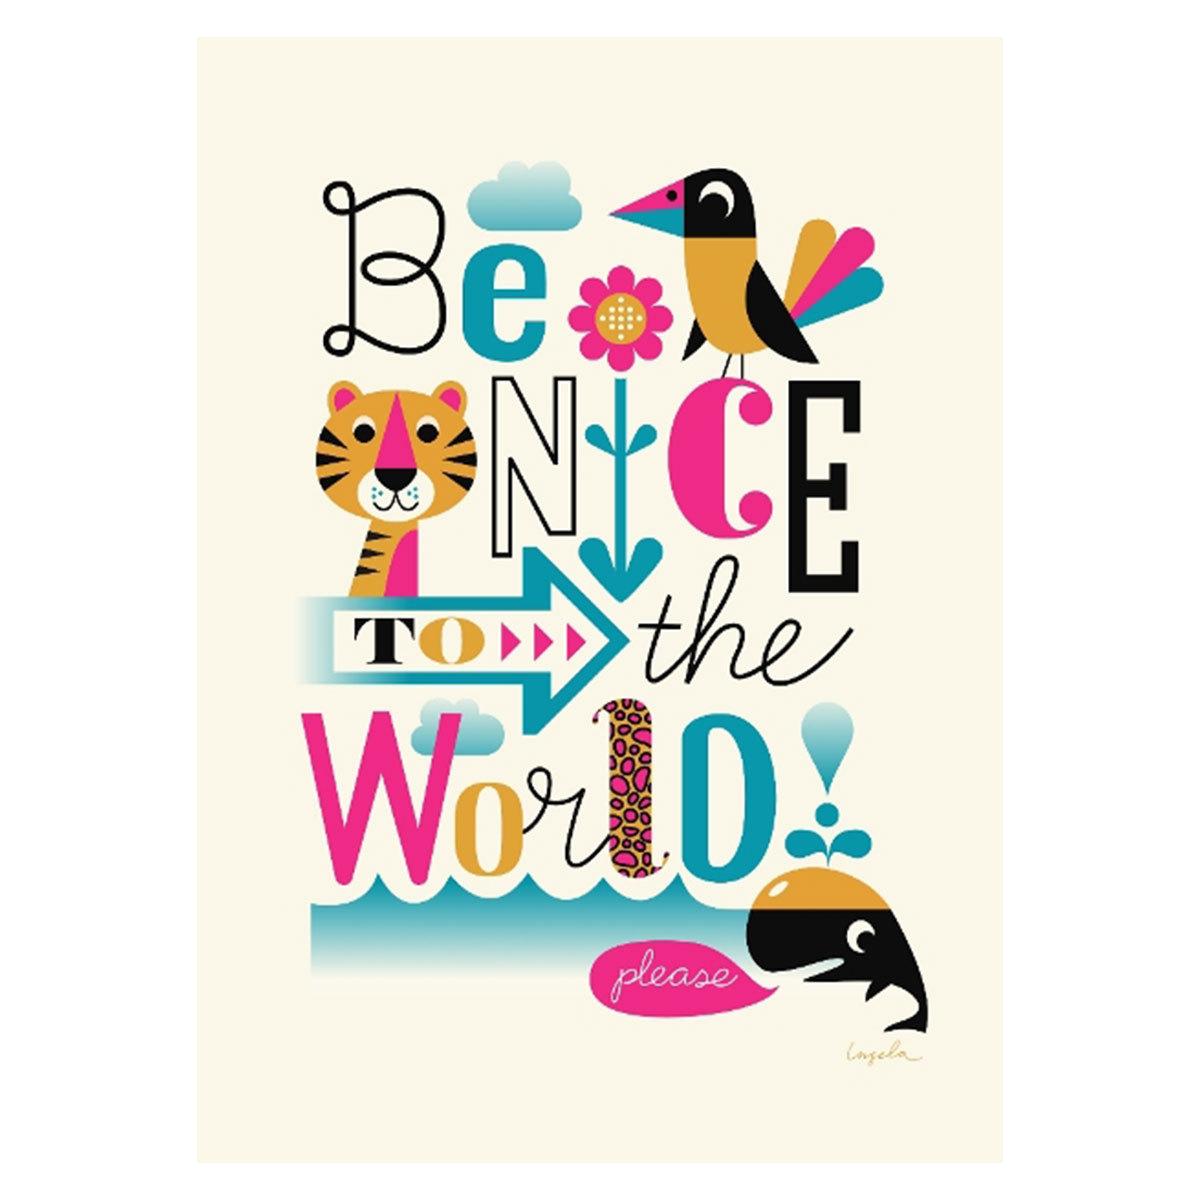 Affiche & poster Affiche WWF par Ingela P. Arrhenius